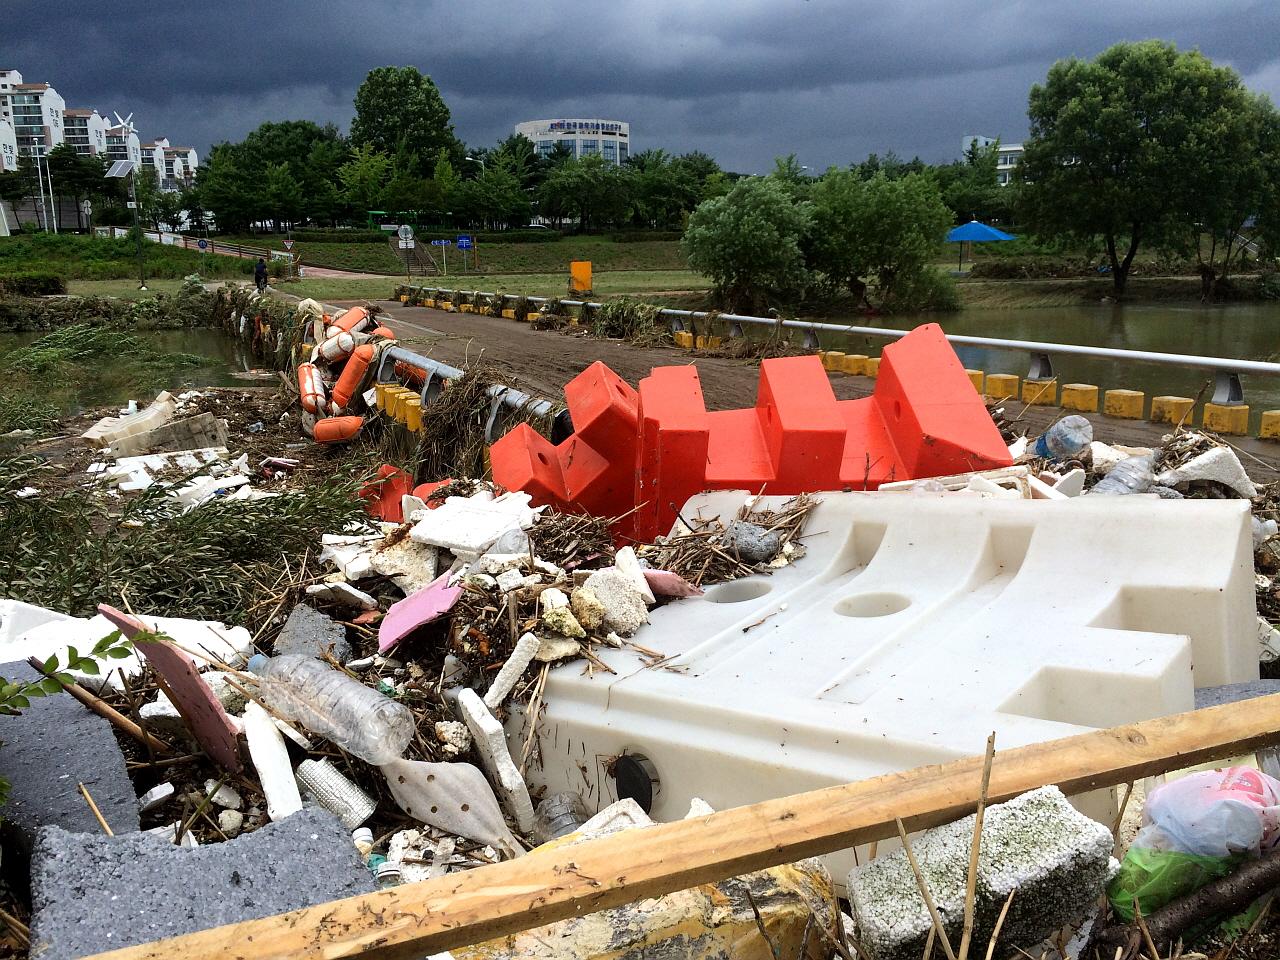 하천 난간에 설치된 쓰레기들 버드나무가 문제가 아니라 시설물이 문제가 되는 이유를 보여준다.